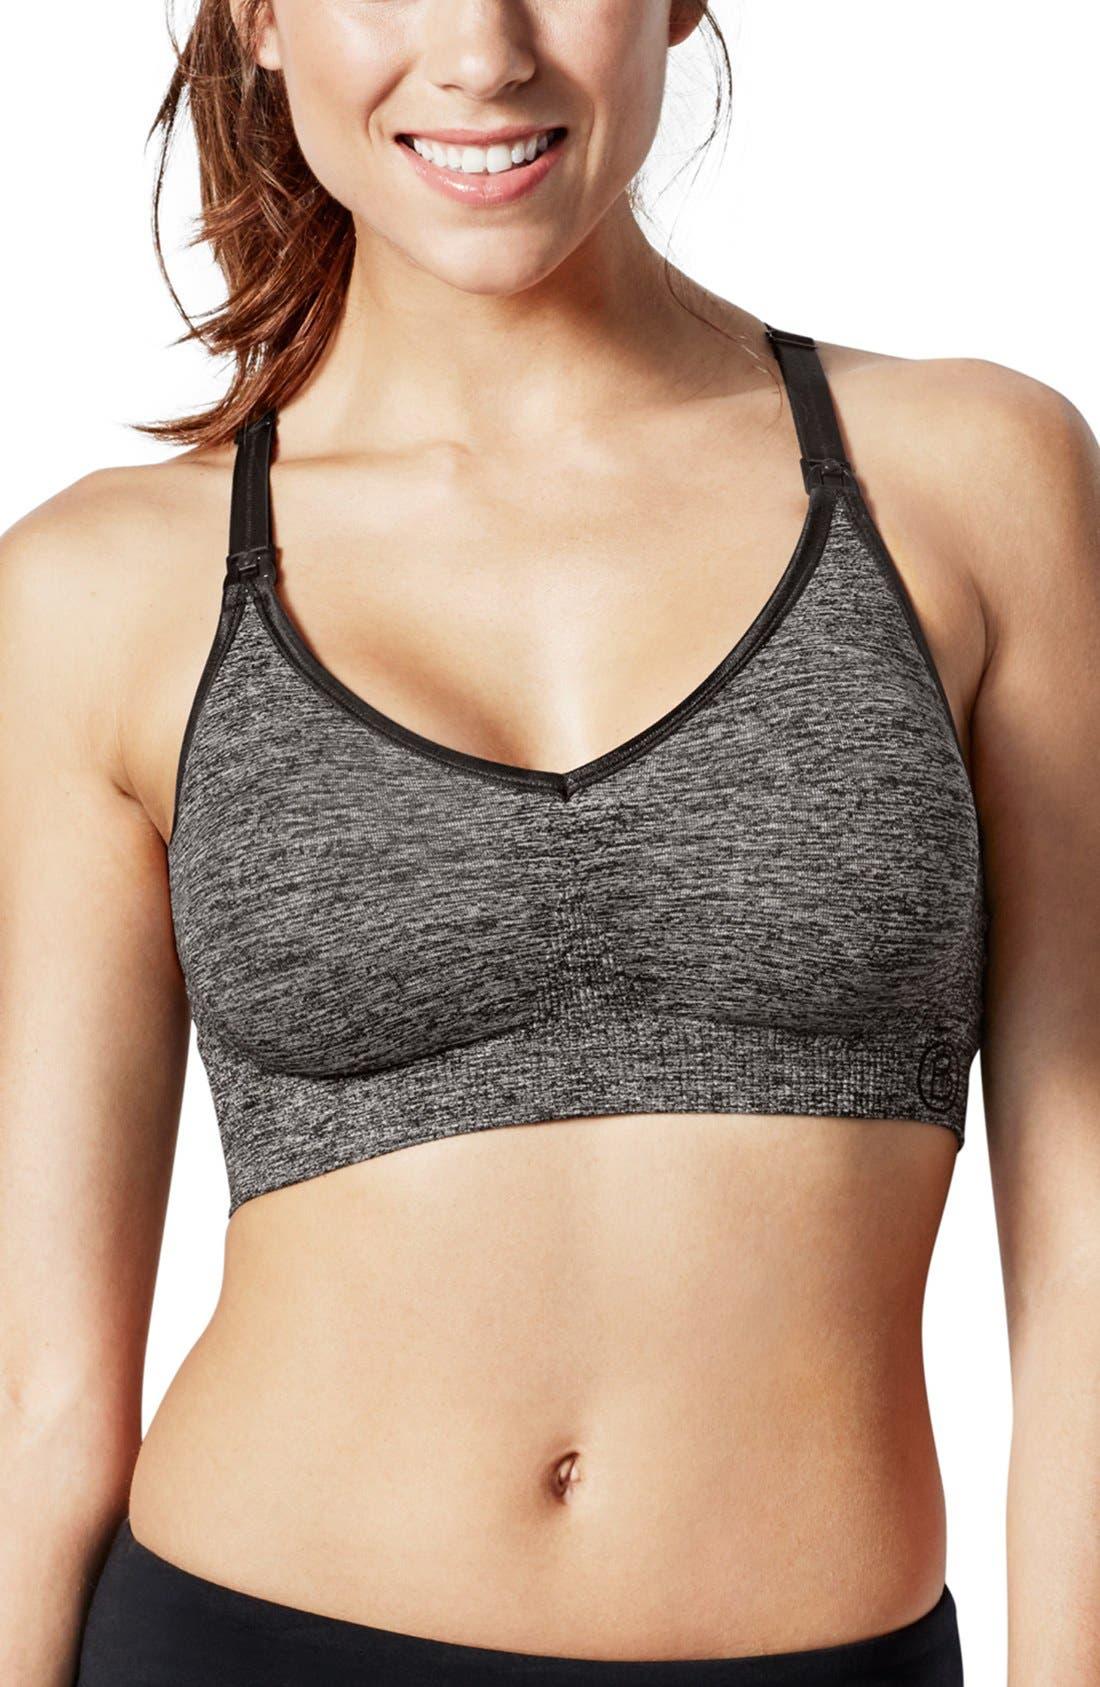 Main Image - Bravado Designs 'Body Silk' Seamless Yoga Maternity/Nursing Bra